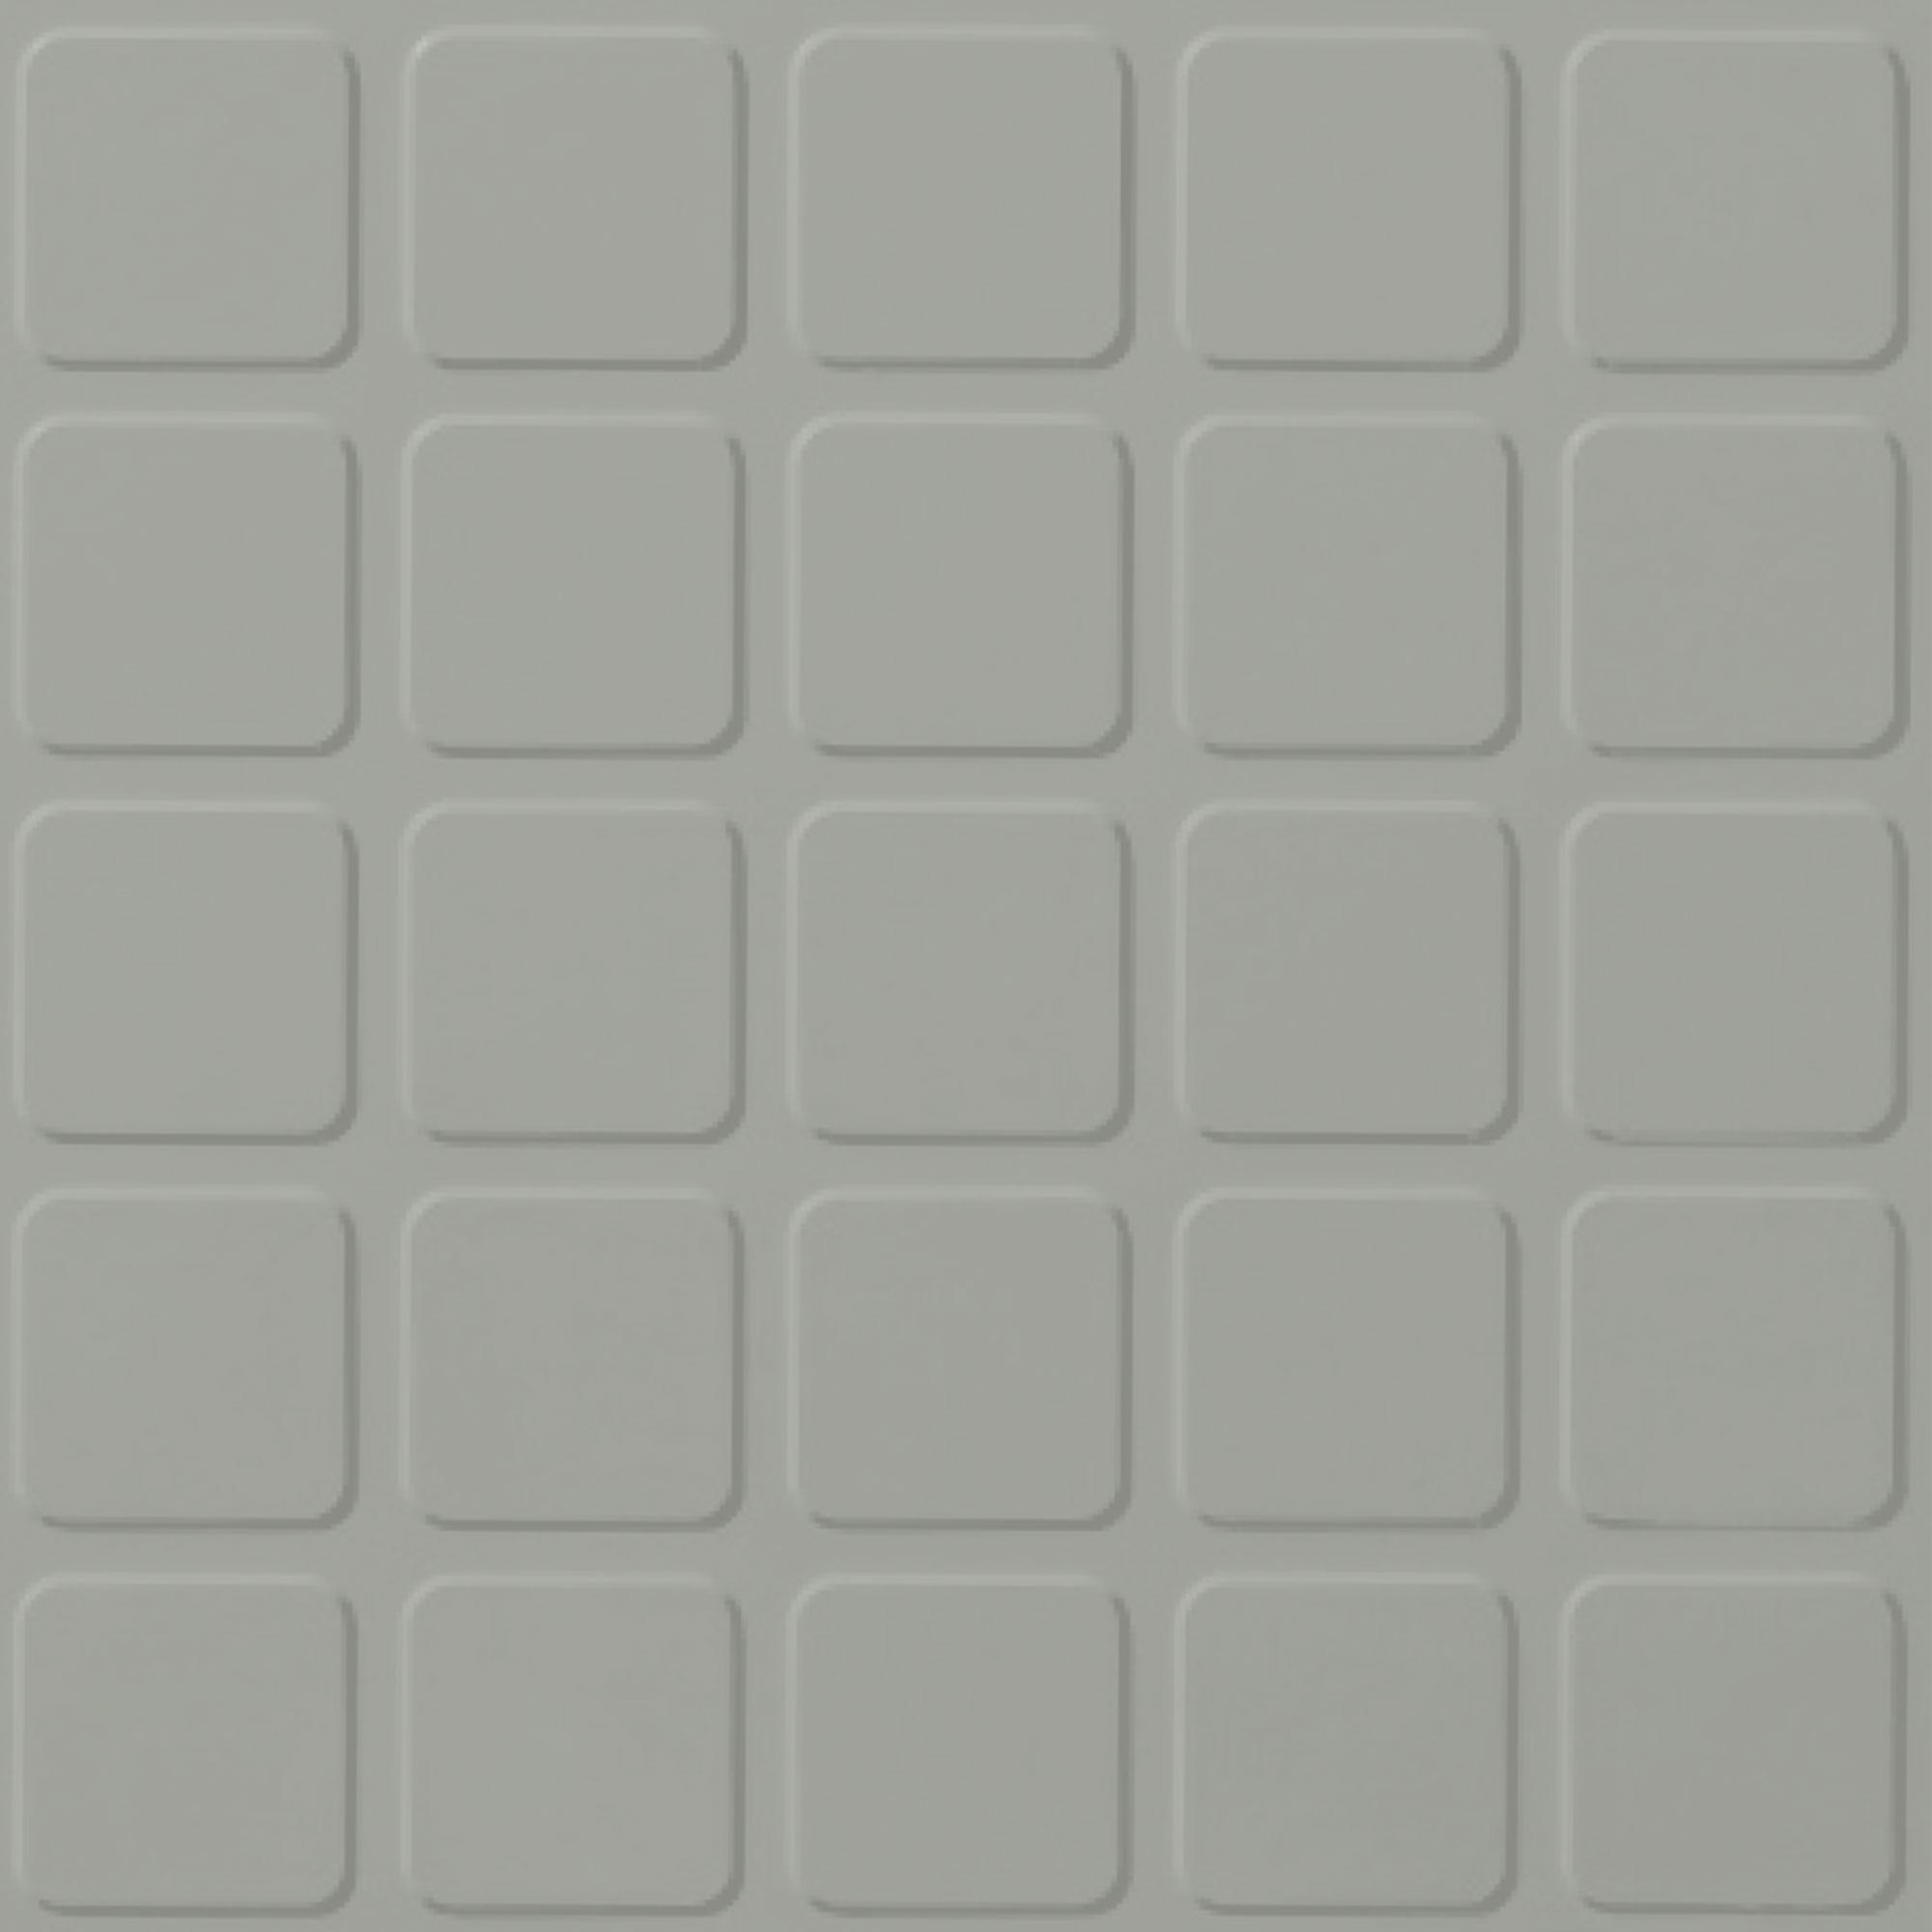 Roppe Rubber Tile 900 - Raised Square Design (994) Light Gray Rubber Flooring